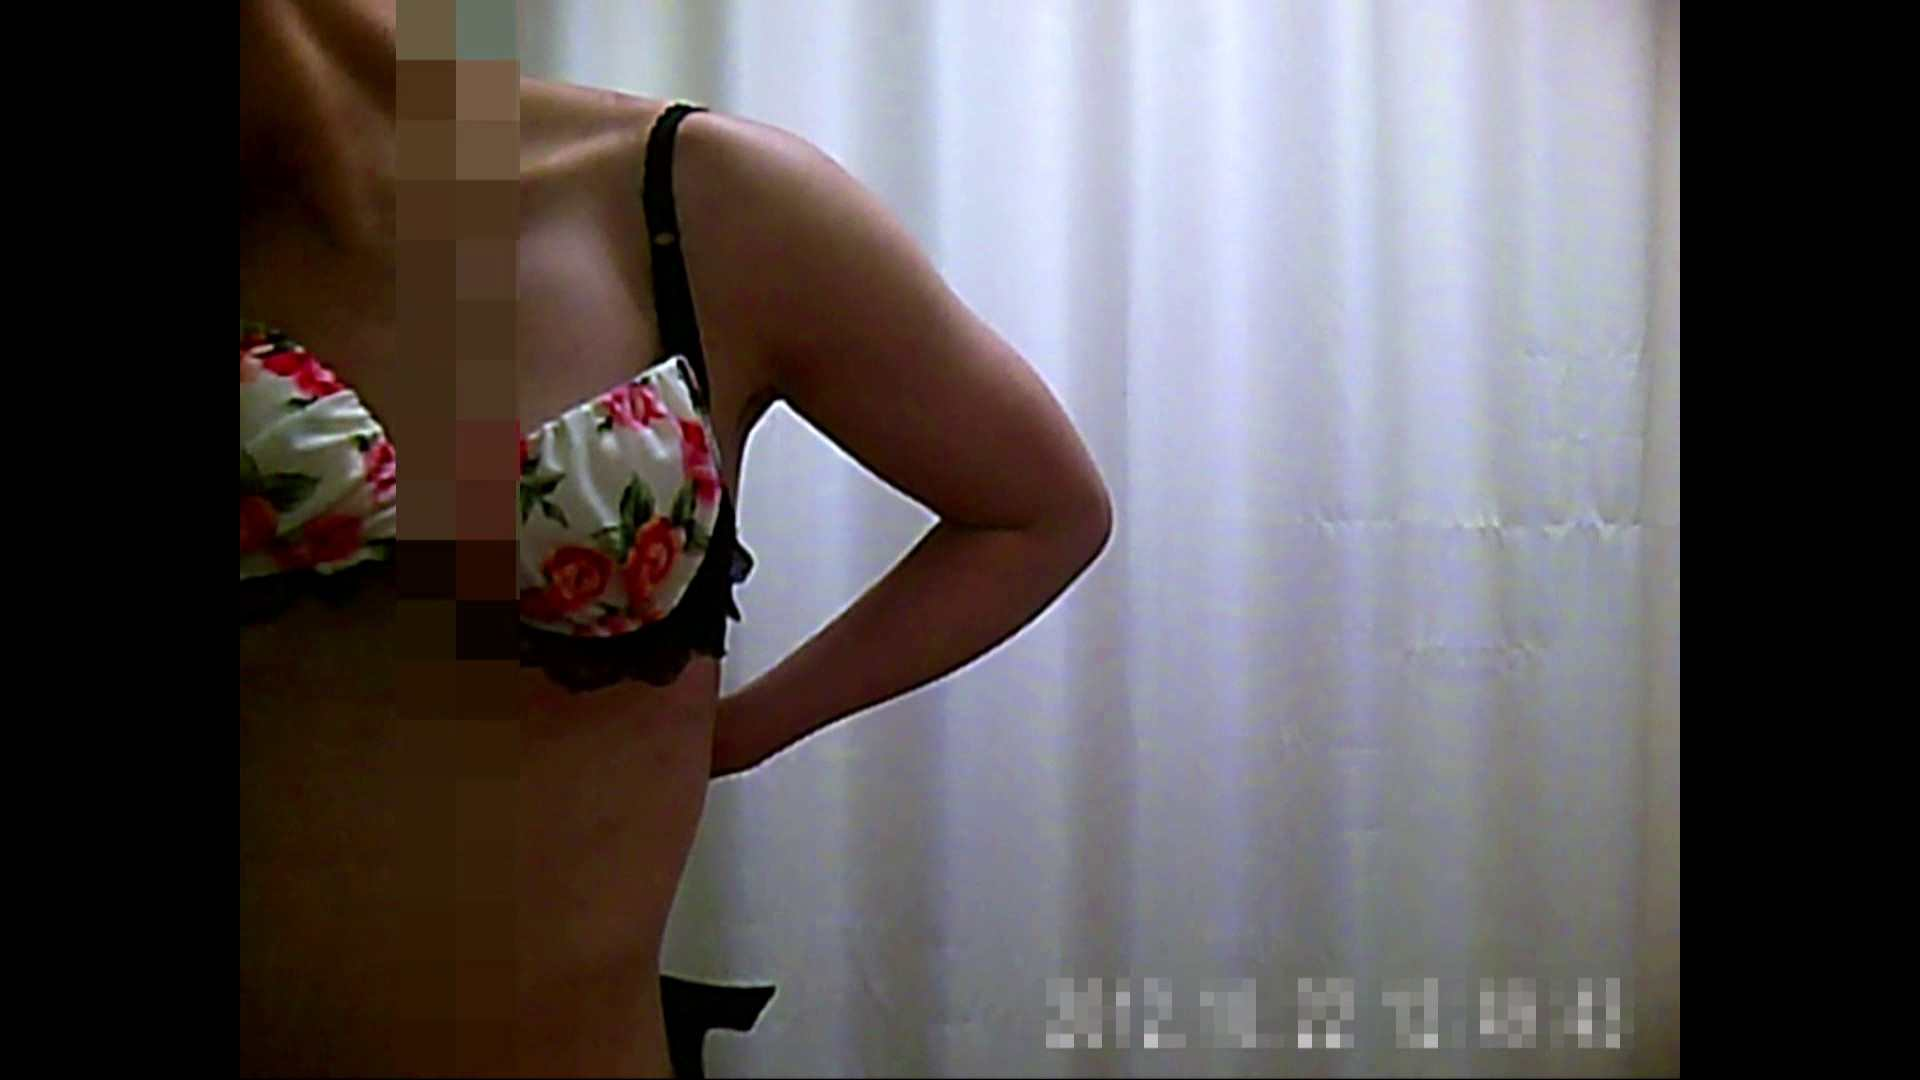 病院おもいっきり着替え! vol.246 乳首 盗撮動画紹介 92pic 74